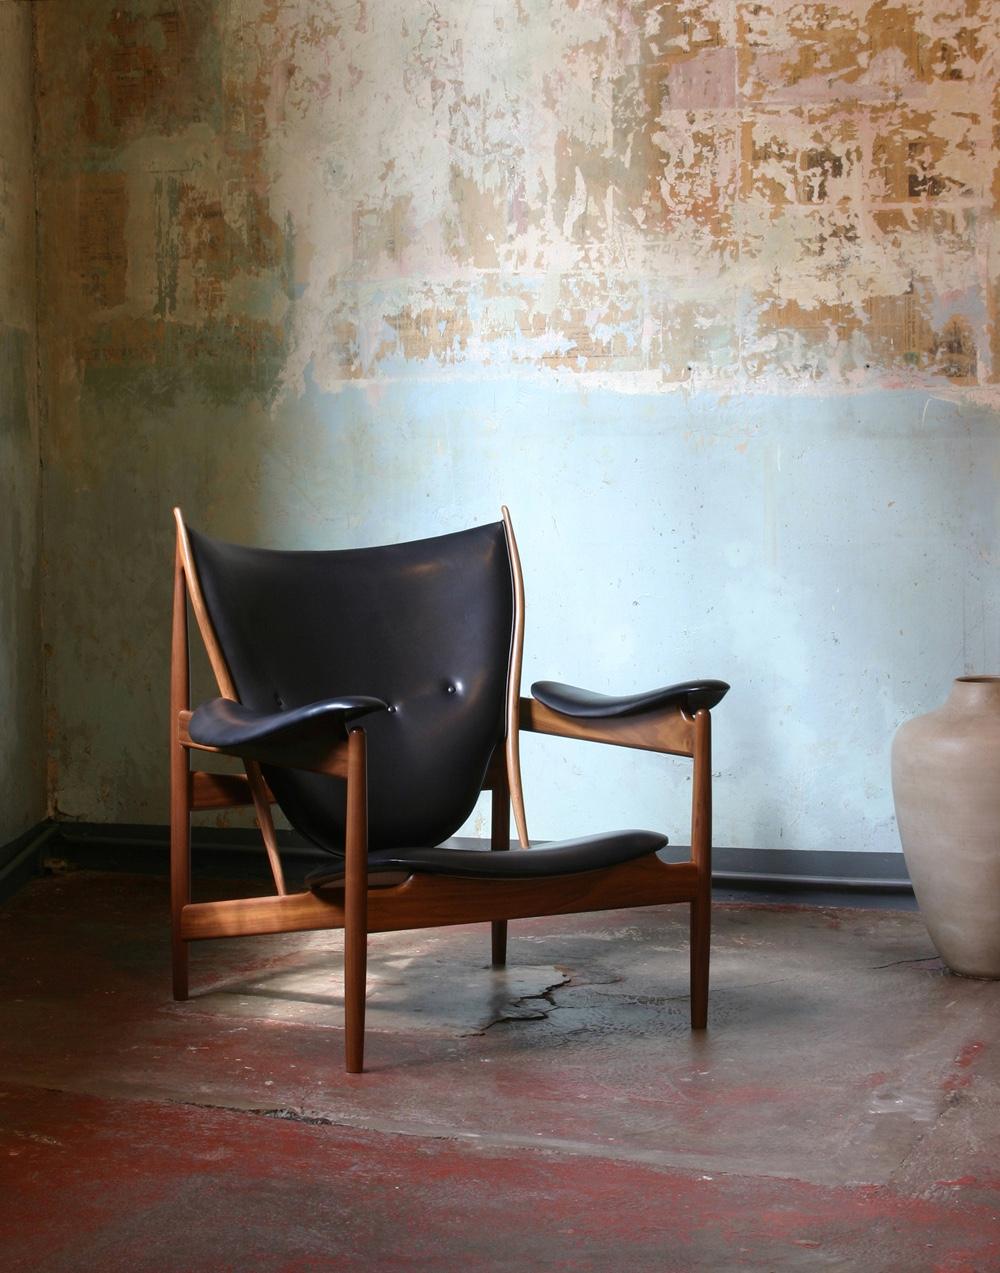 Стулья 40-х годов от дизайнера Финна Юля - Chieftains. Фото 1